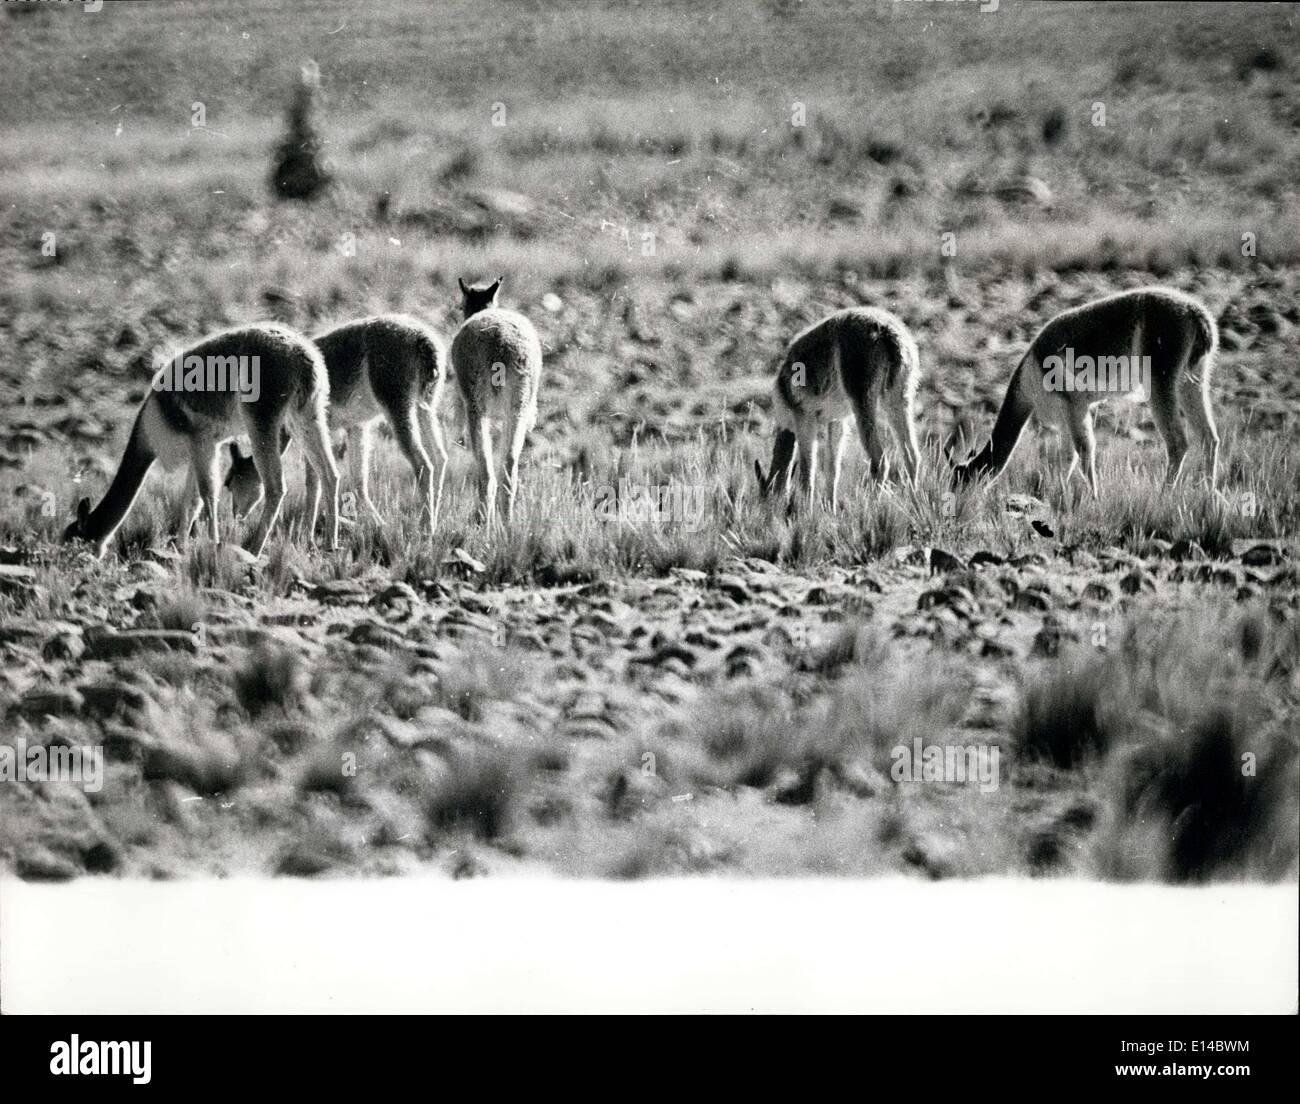 17 avril 2012 - menacé d'extinction de nouvelles réglementations ~ay encore sauver la vigogne dans les Andes. Ces photos que nous venons de recevoir montrent le Vicuna dans son habitat naturel. Il est rare pour cet animal timide de permettre à un camaraaman d'approcher suffisamment près pour une bonne photographie. Le Vicuna, un rare parent sud-américain du chameau et de l'Ilama, est menacé d'exposition et l'interdiction gouvernementale, annoncée cette semaine, sur l'importation de poils et de peau de Vicuna, Est le résultat d'une campagne du fonds mondial de la vie sauvage qui disent qu'il y a moins de 10,000 vigognes en existence Banque D'Images